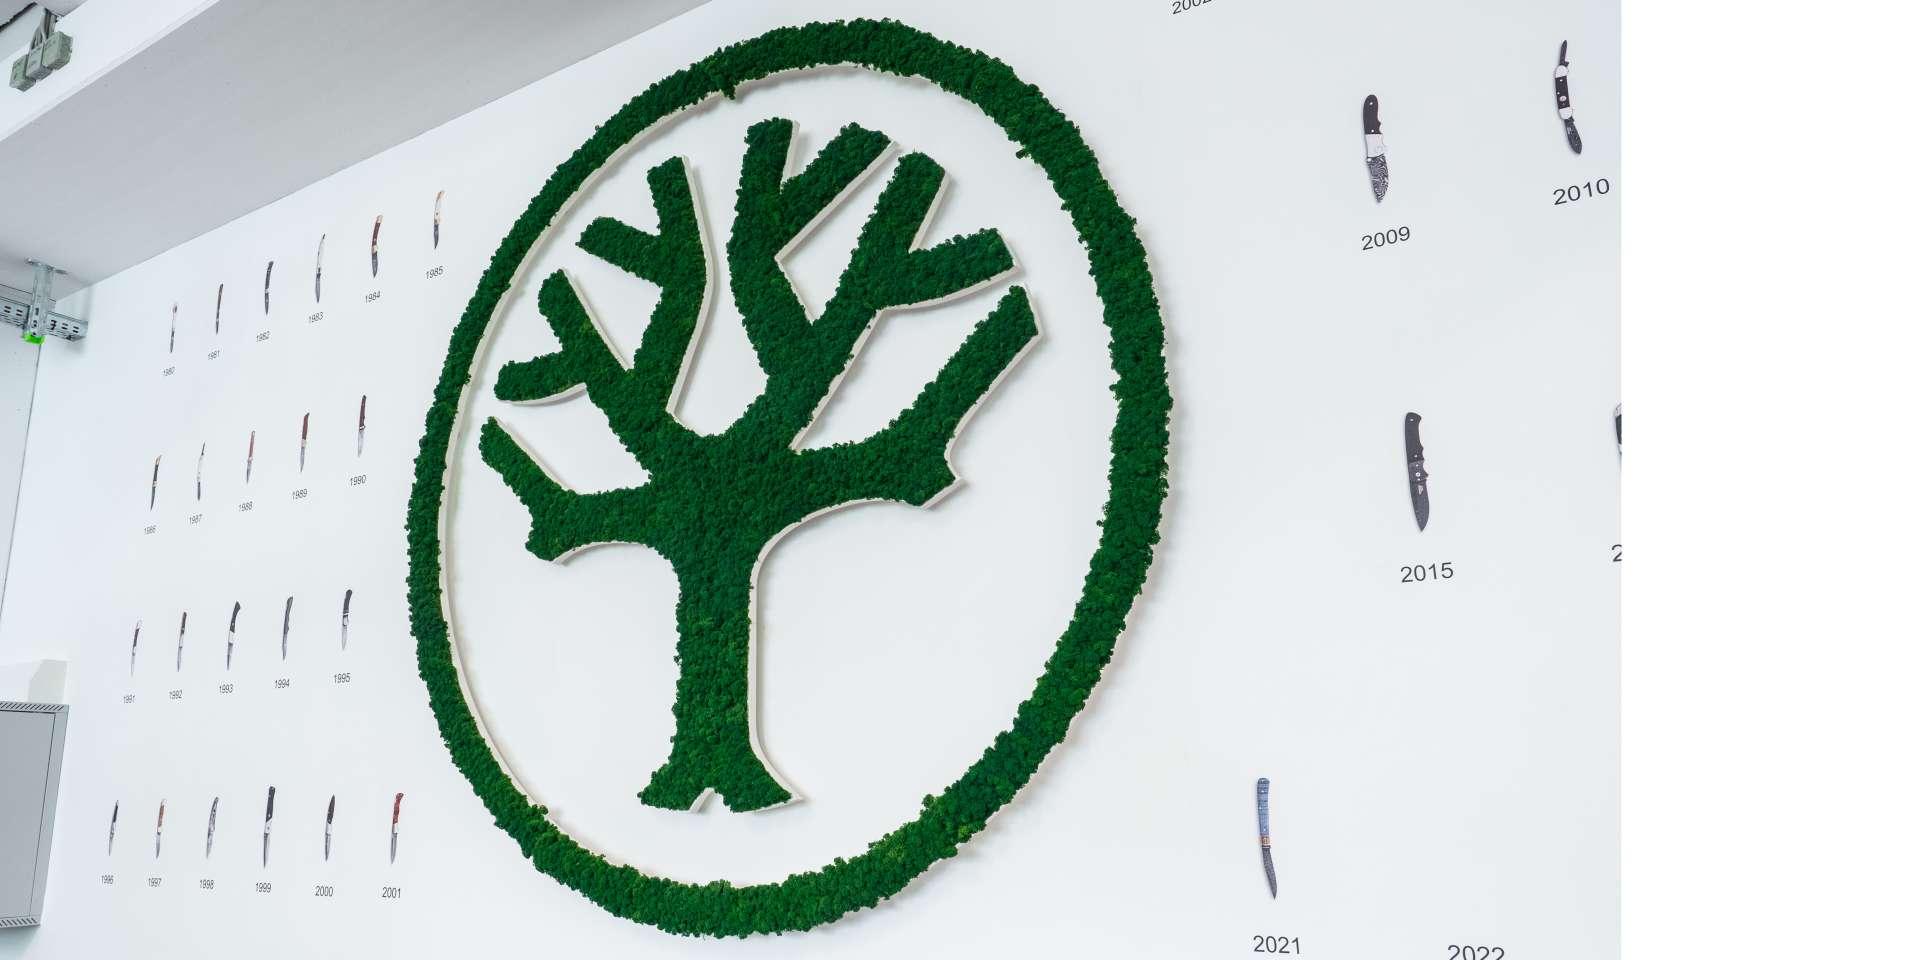 Bökerbaum aus Islandmoos von NATURADOR® für Jahresmesser-Ausstellung